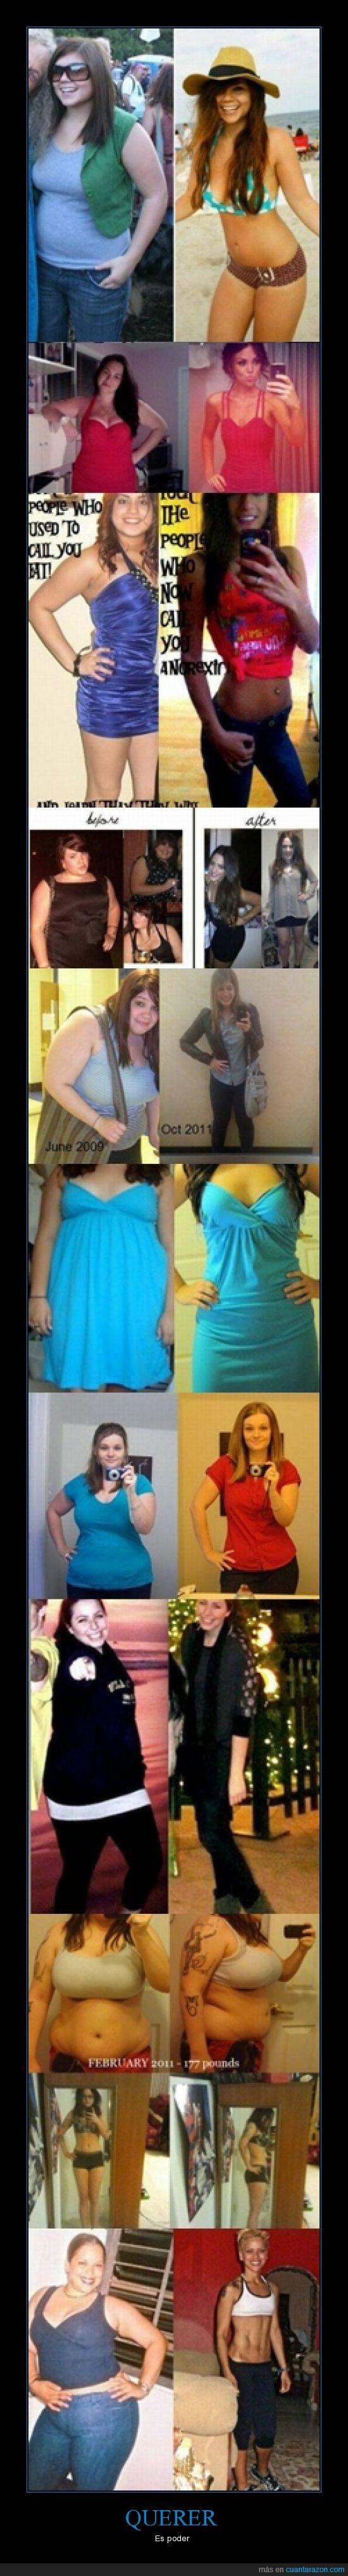 adelgazar,cambio,chica,comer bien,deporte,fuerza,perder,peso,salud,sano,voluntad